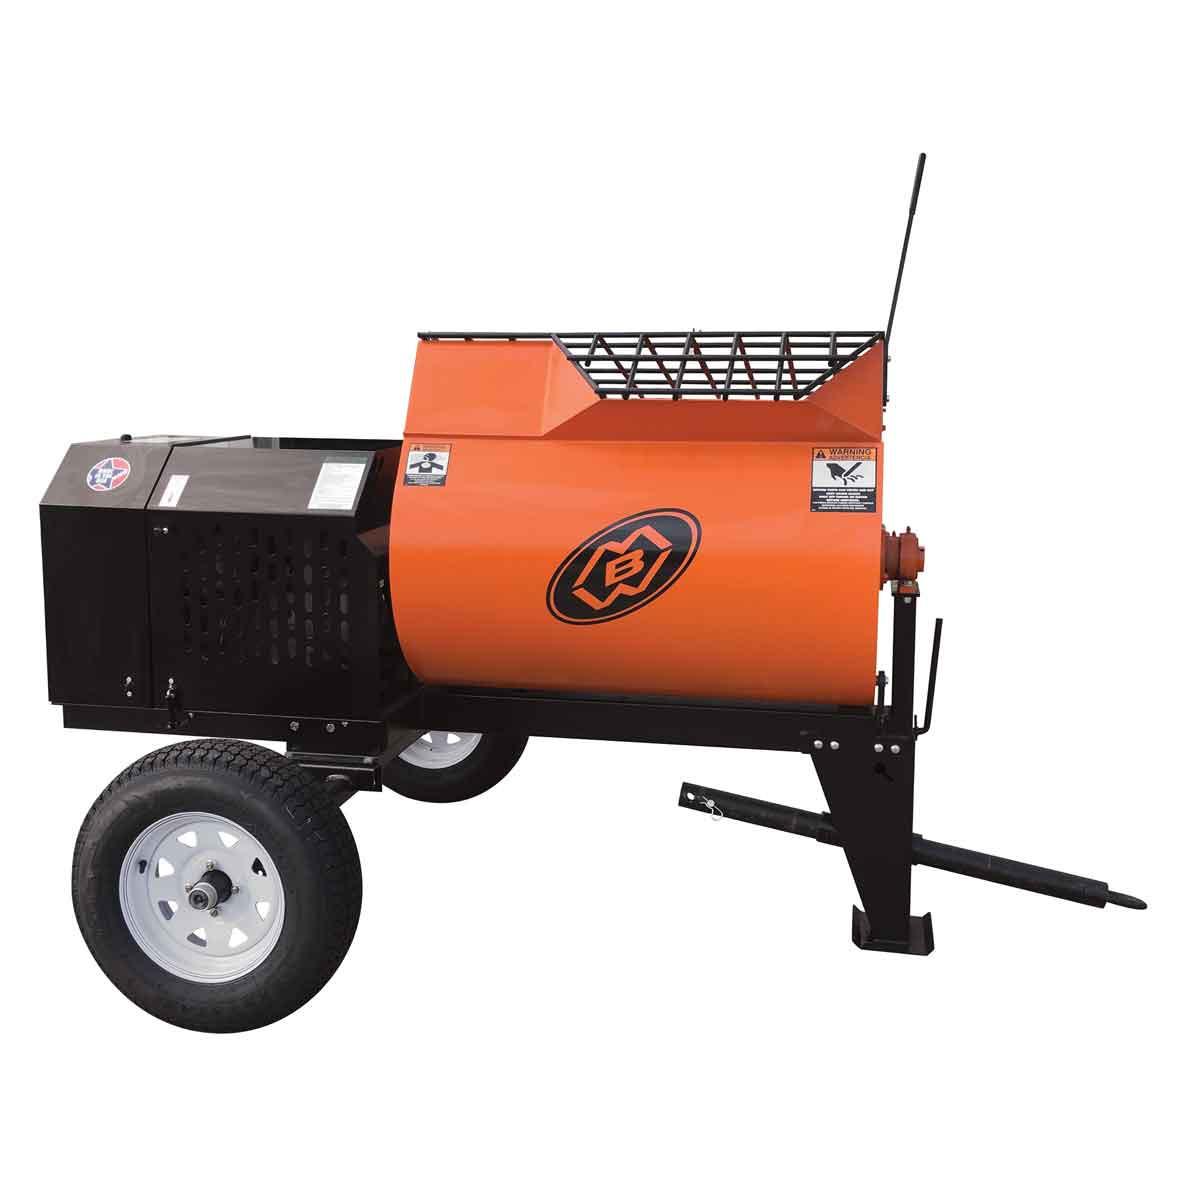 MBW Mortar & Plaster Mixer gas